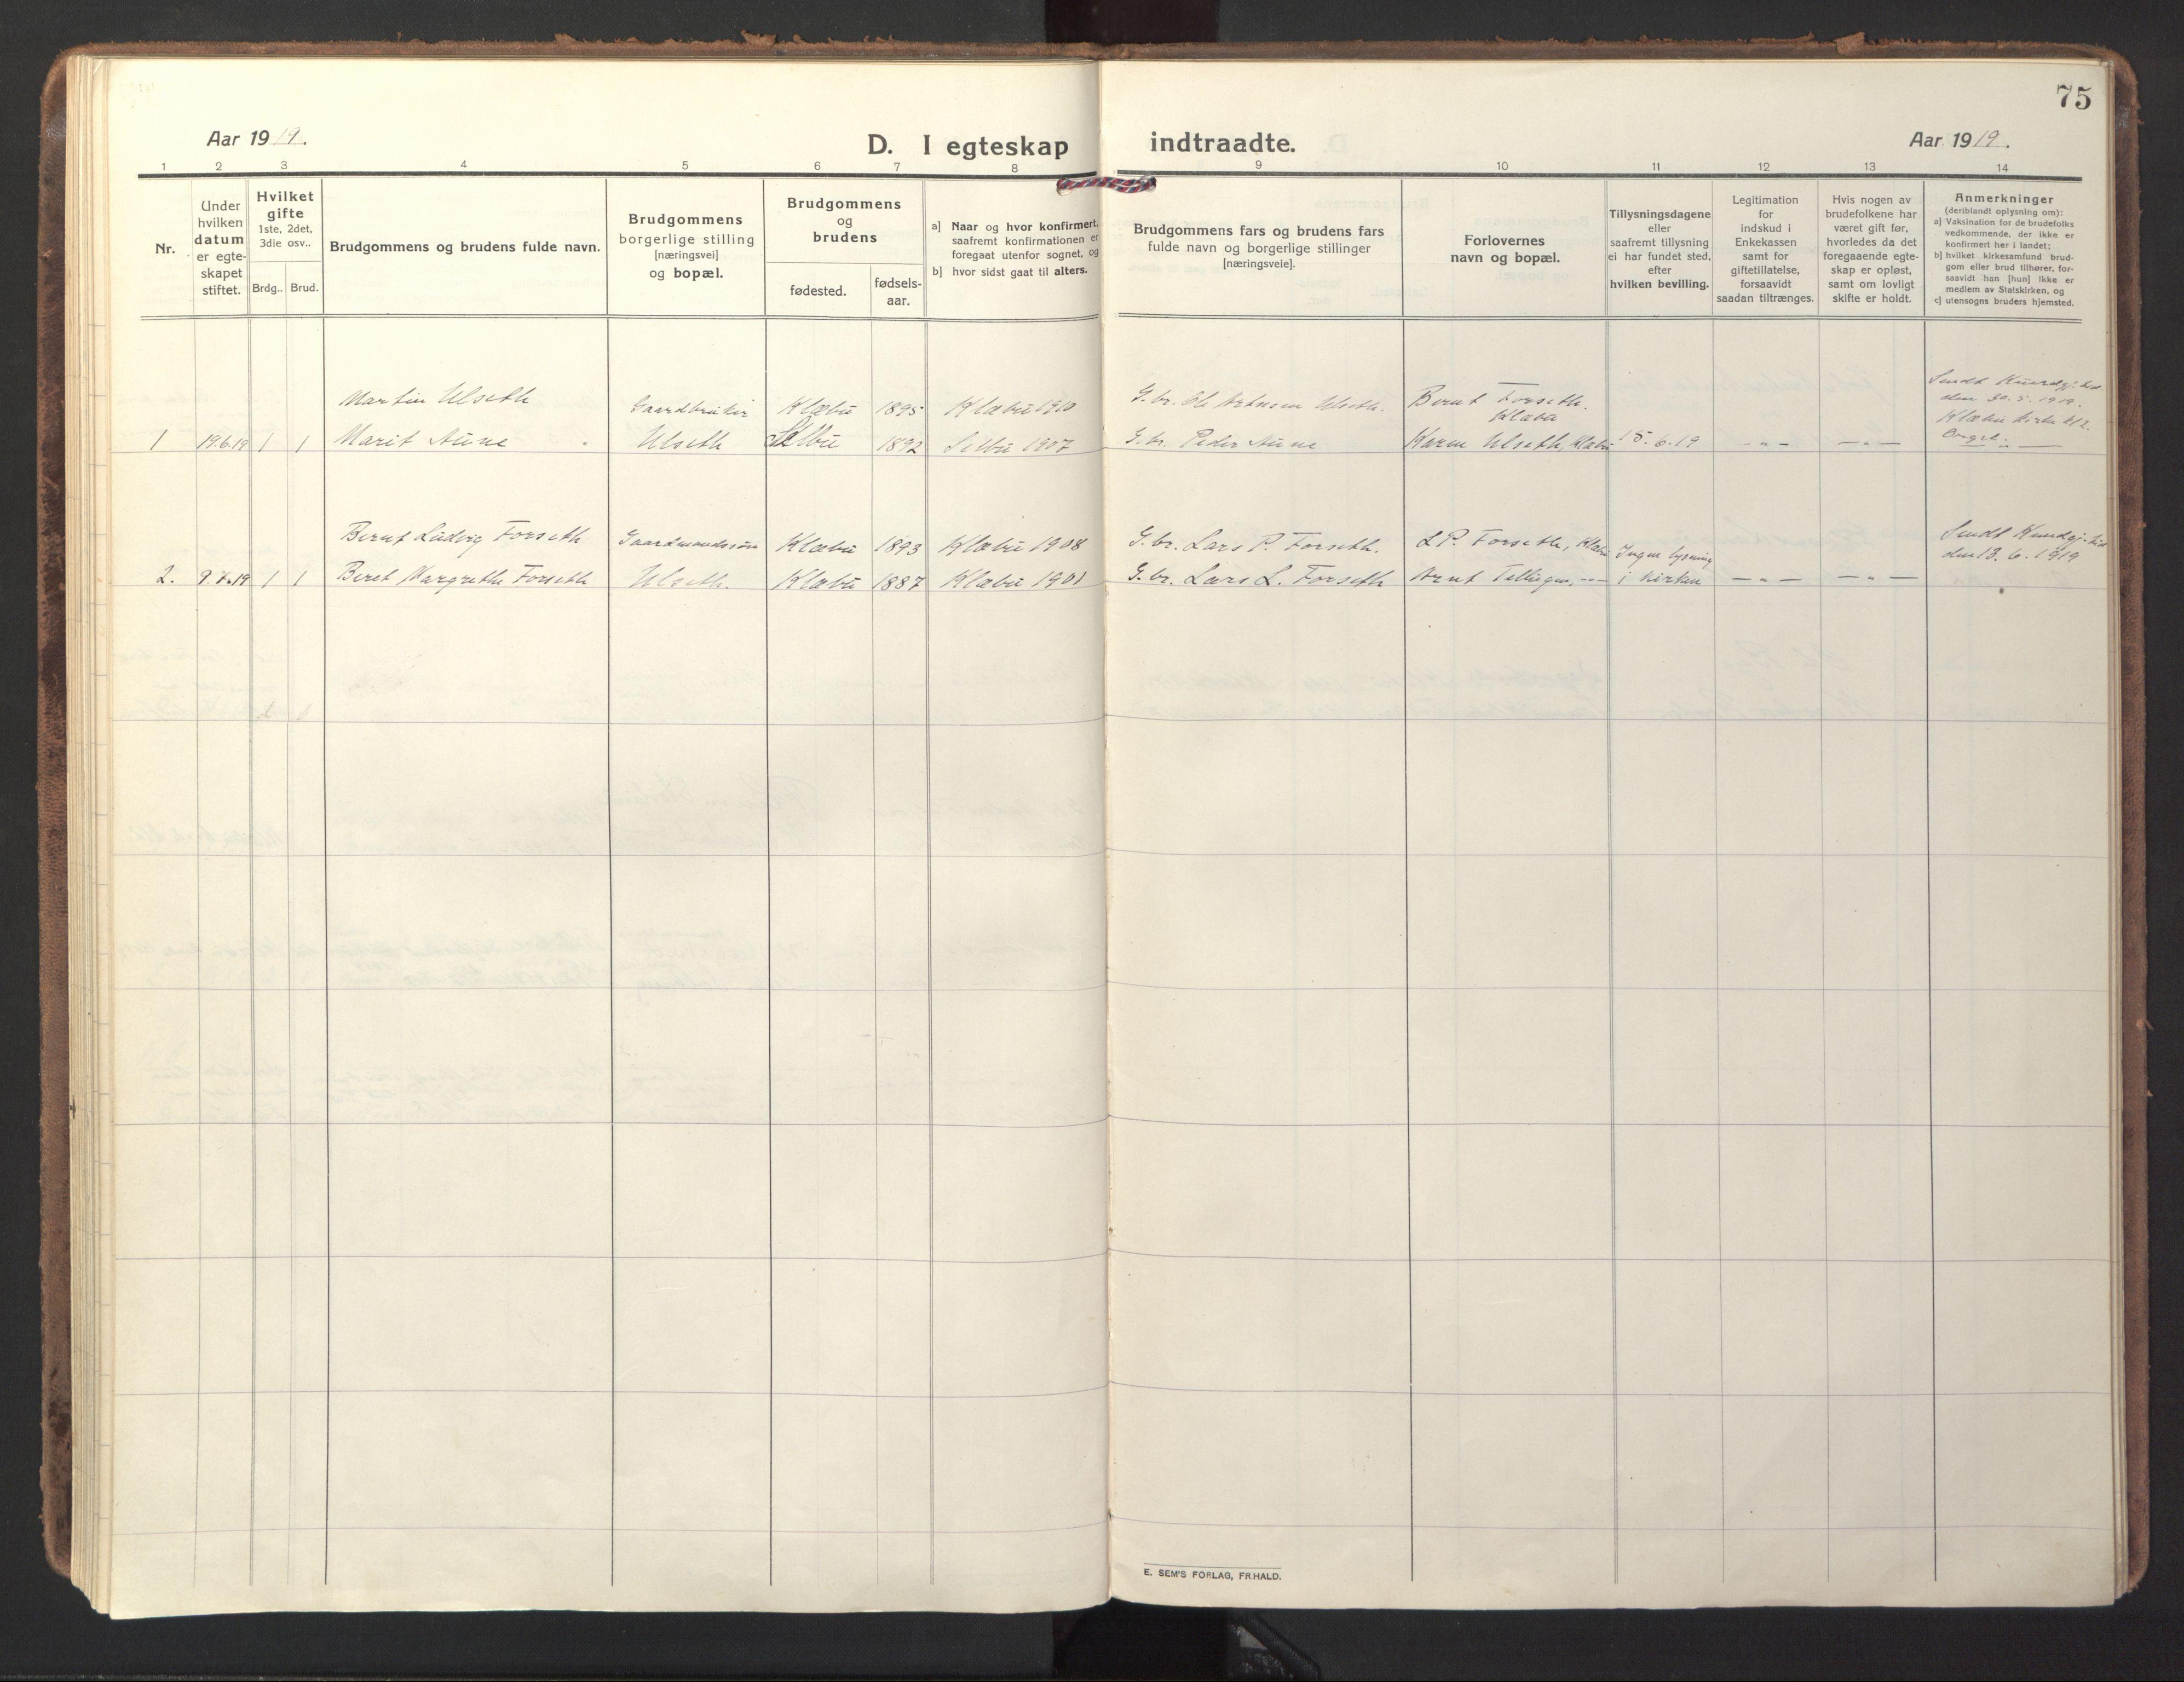 SAT, Ministerialprotokoller, klokkerbøker og fødselsregistre - Sør-Trøndelag, 618/L0449: Ministerialbok nr. 618A12, 1917-1924, s. 75